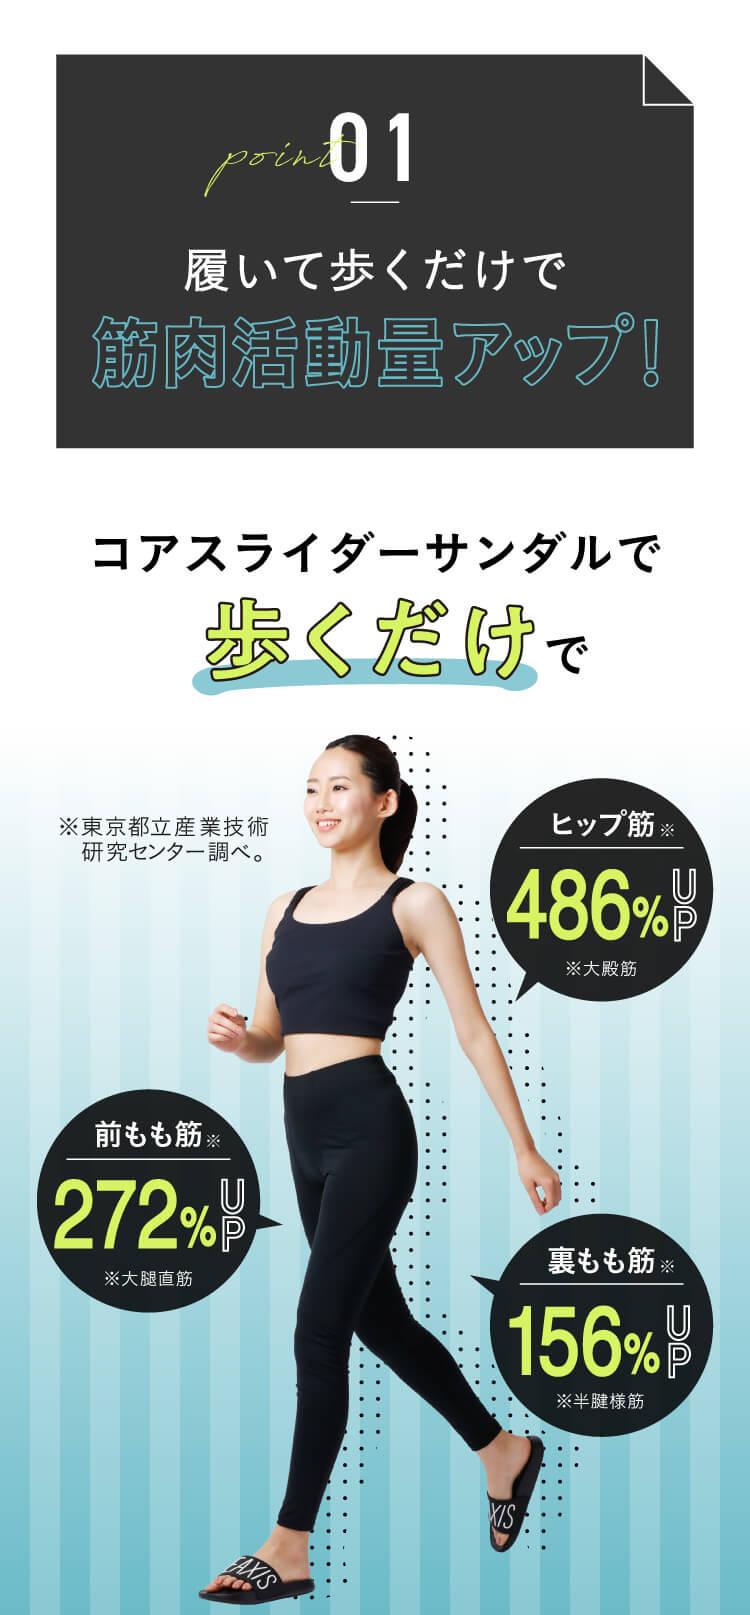 01 履いて歩くだけで筋肉活動量アップ!